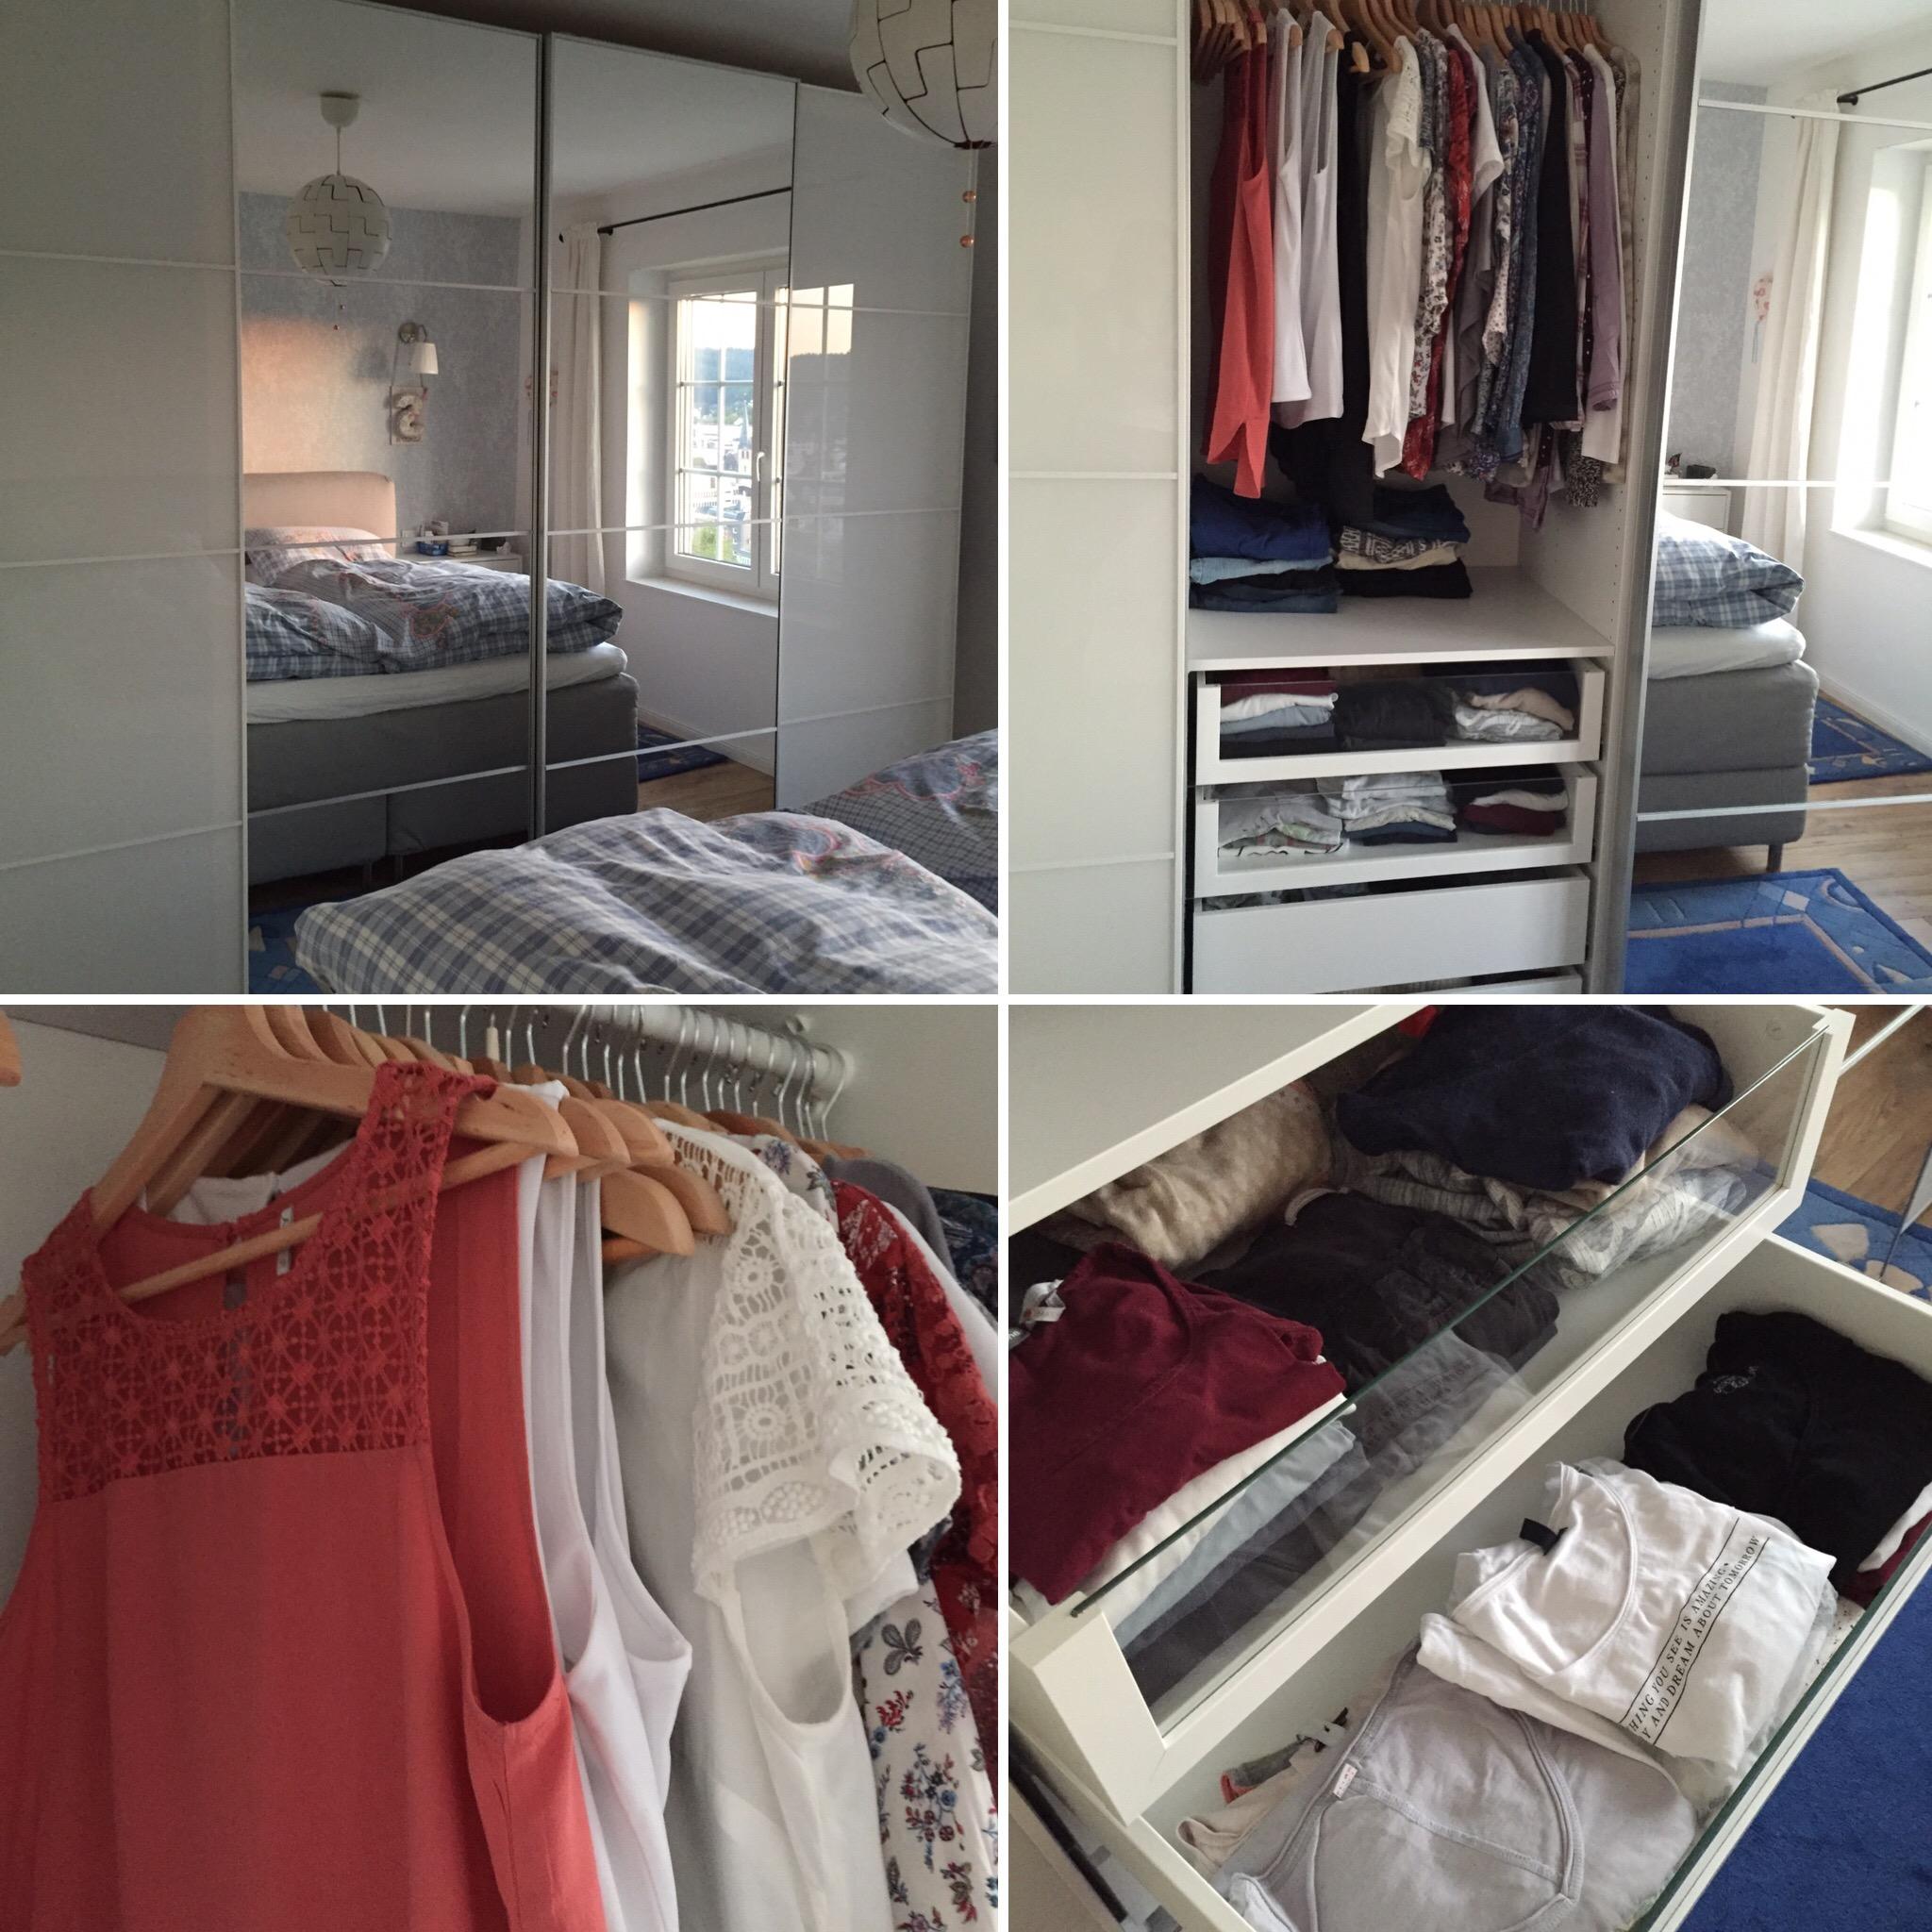 Schlafzimmer - IKEA Pax Schrank